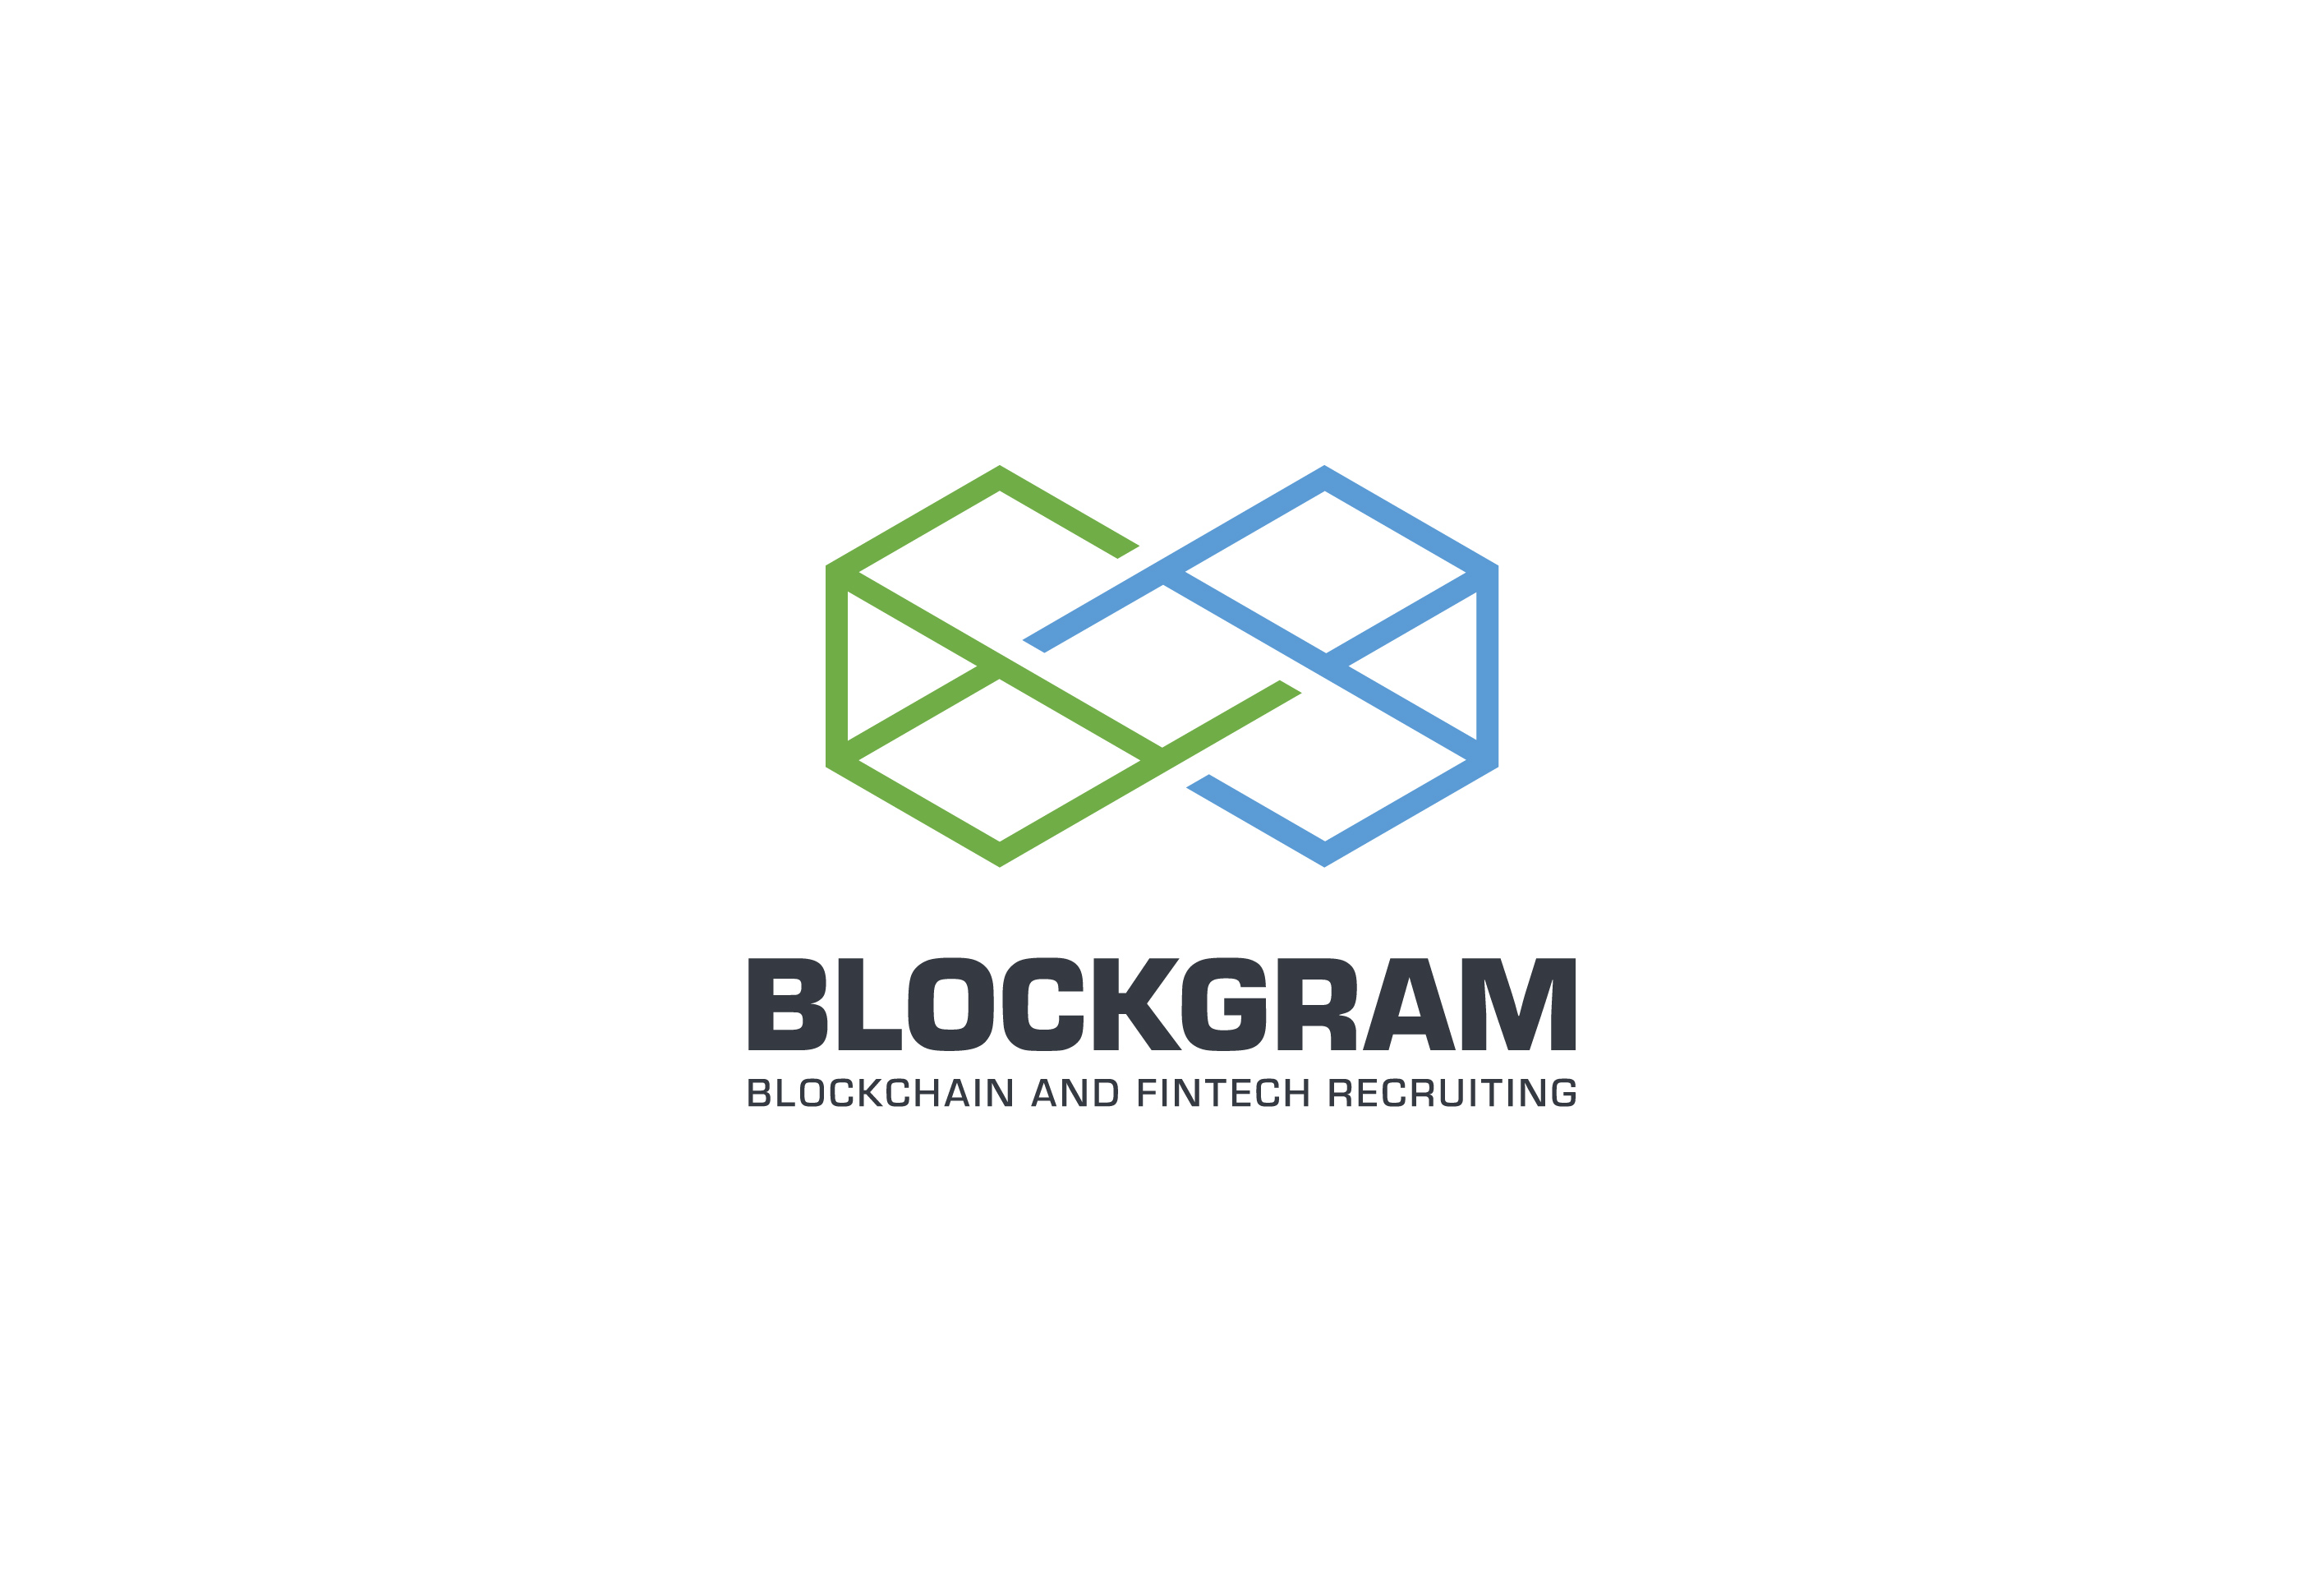 Blockgram